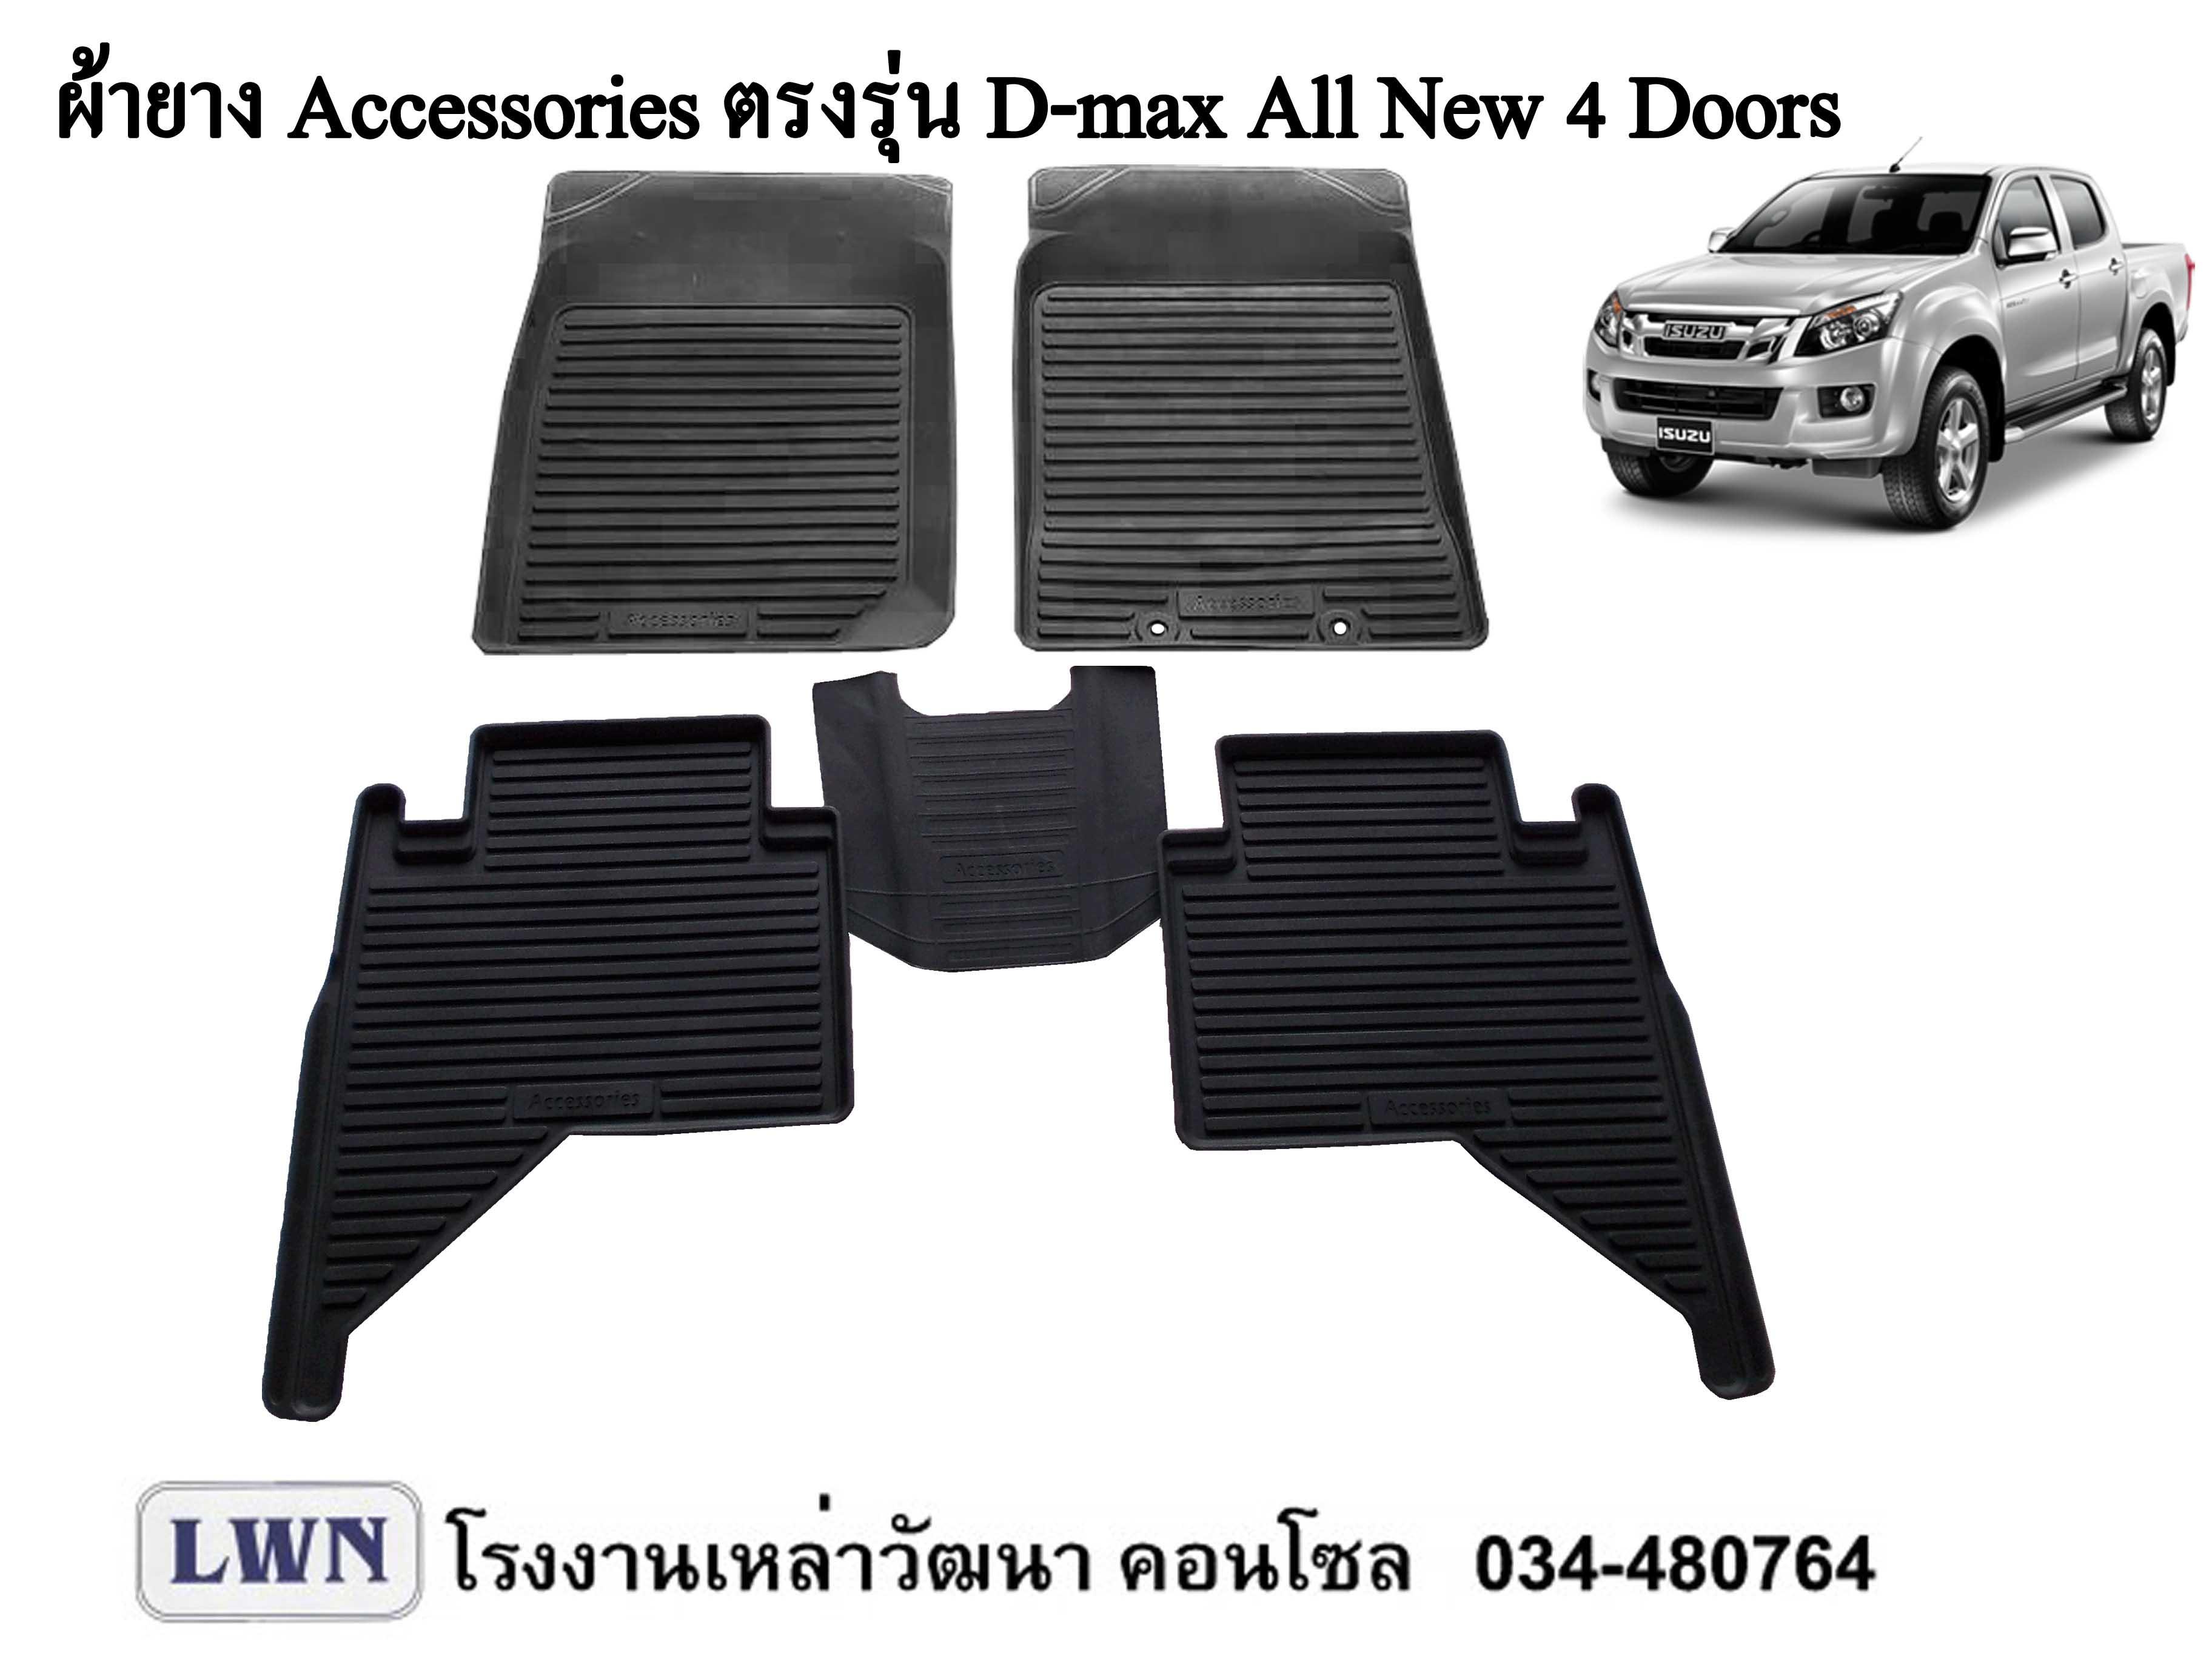 ผ้ายางปูพื้น Isuzu All New D-max 4ประตู